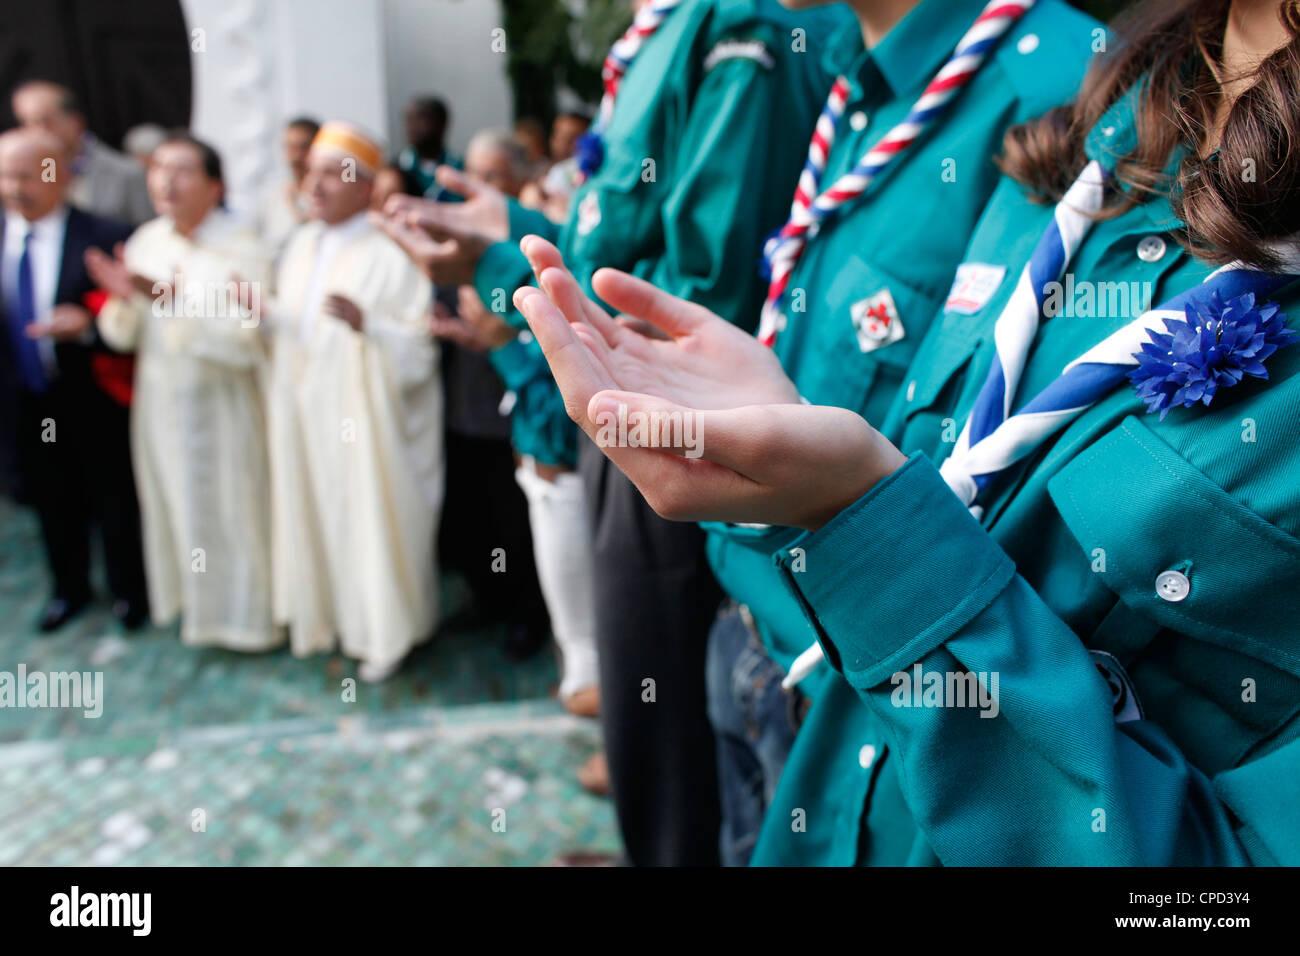 Muslim scouts praying, Paris, France, Europe - Stock Image